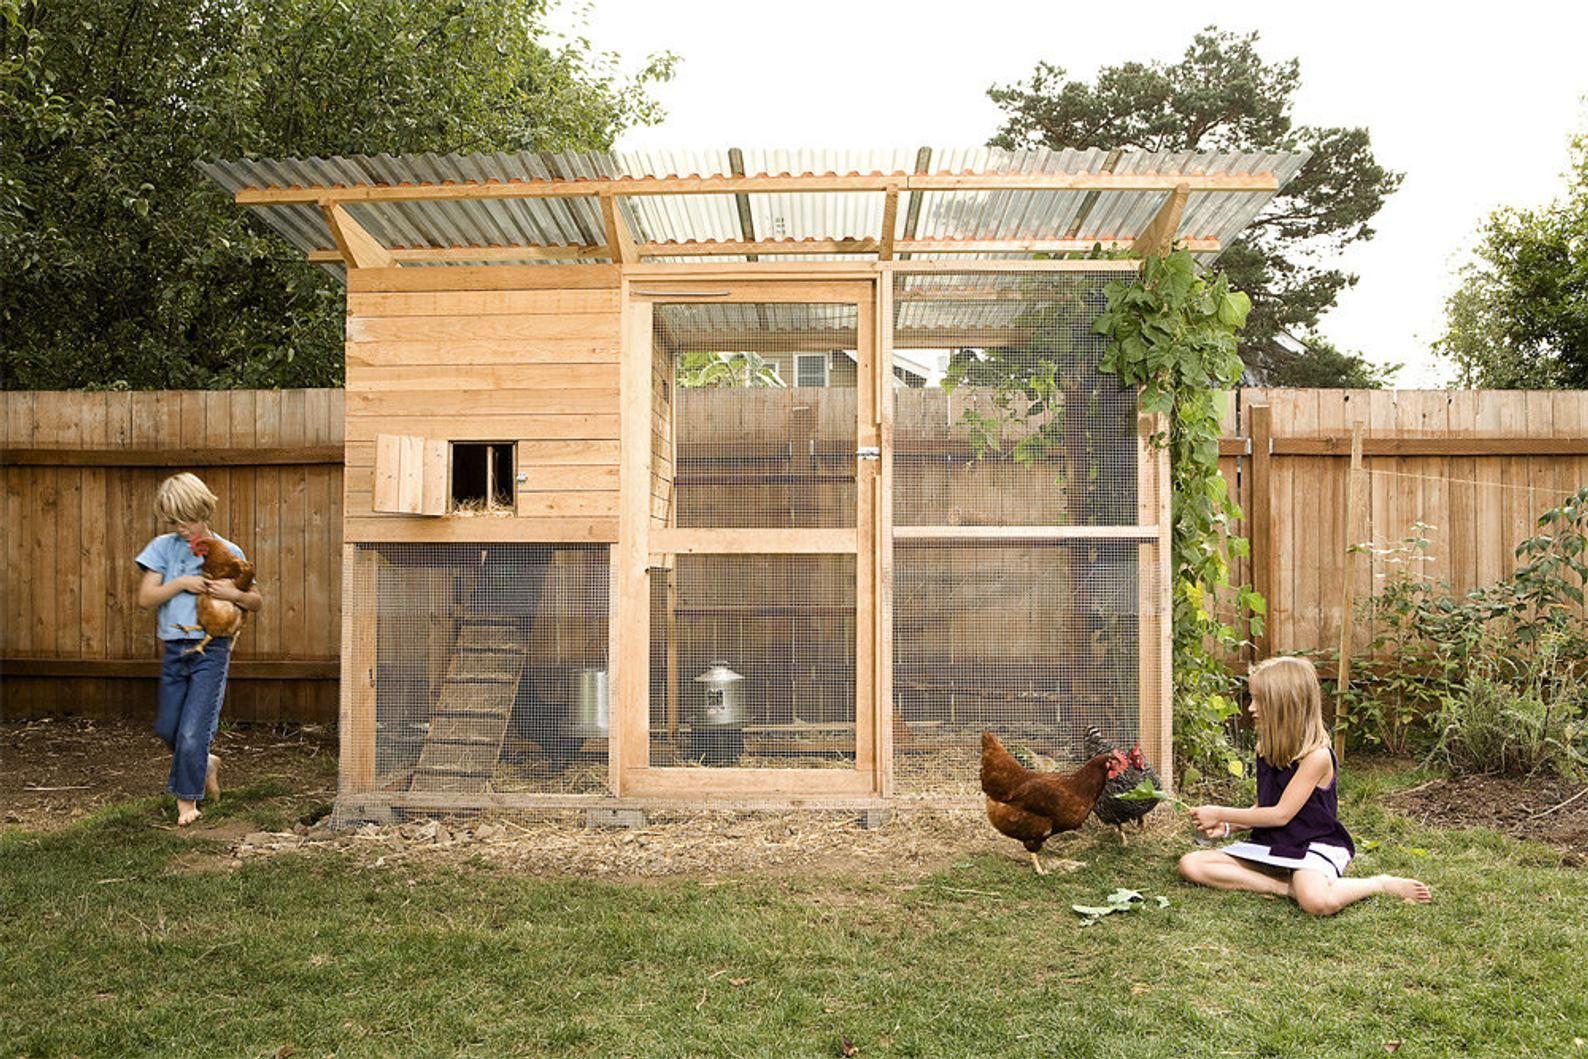 The Garden Coop Walk In Chicken Coop Plan Ebook Pdf Instant Etsy In 2021 Walk In Chicken Coop Easy Chicken Coop Chickens Backyard Backyard poultry house design